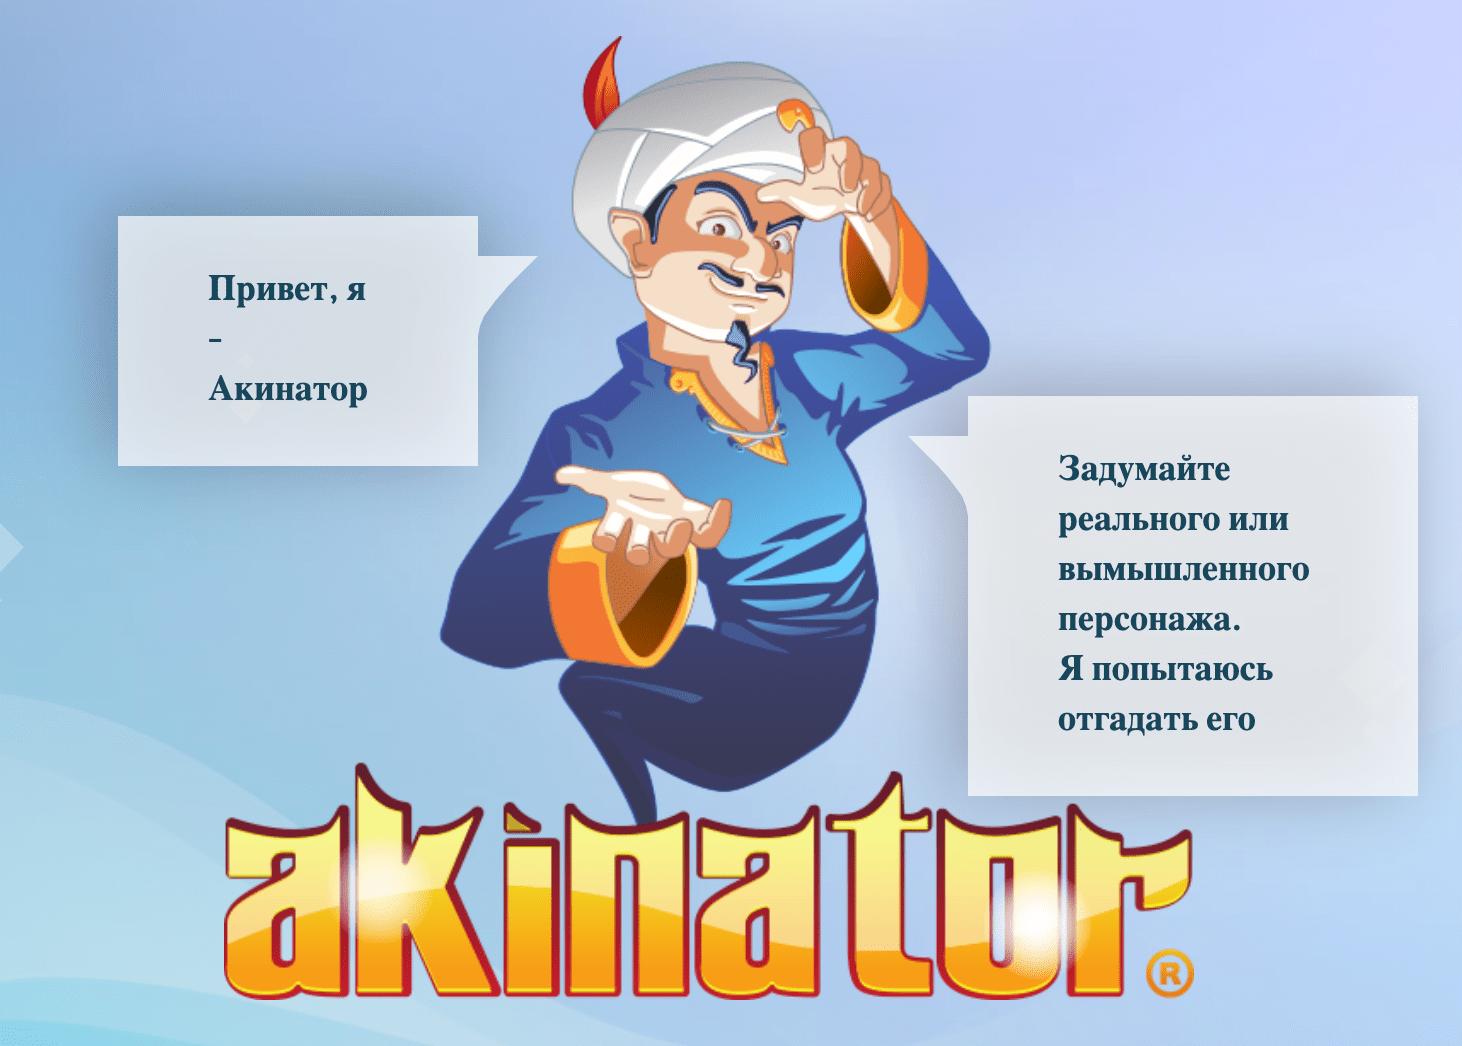 Акинатор — игоровой джин, который угадывает загаданных персонажей (https://ru.akinator.com/)